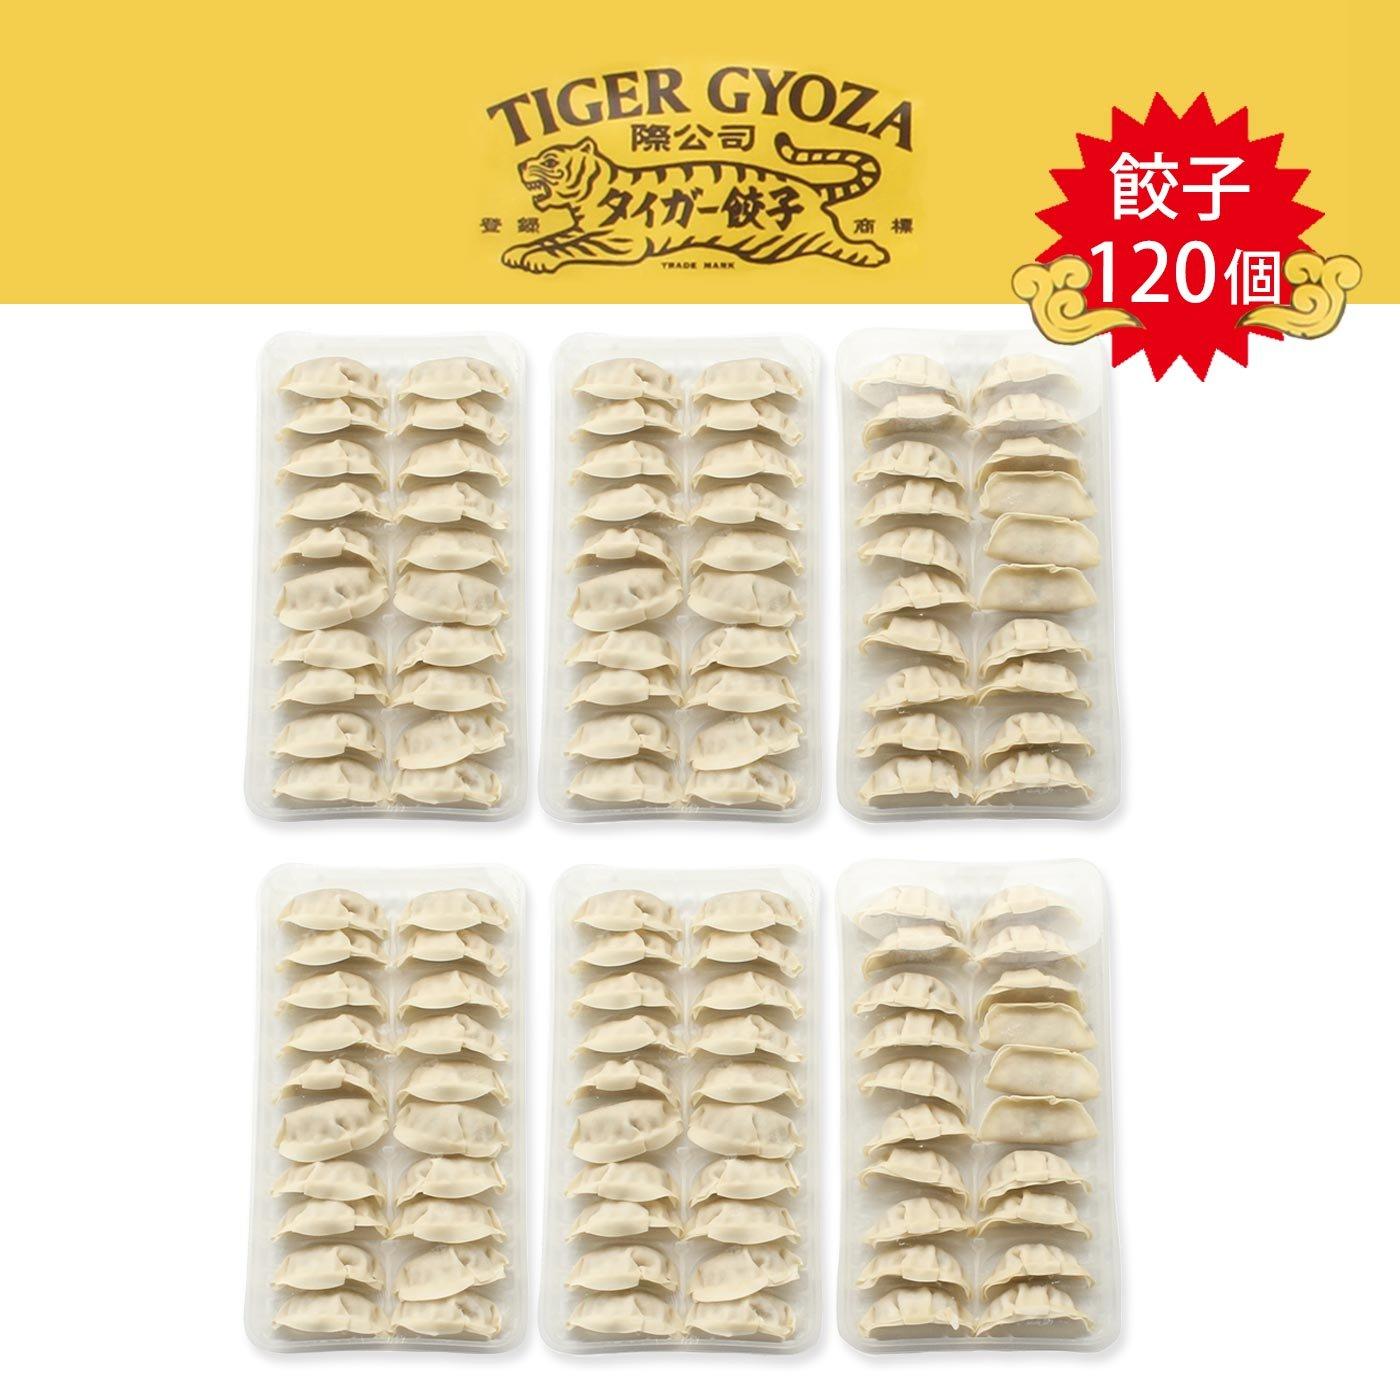 タイガー餃子会館 アレンジ自在のやみつき冷凍餃子120個セット